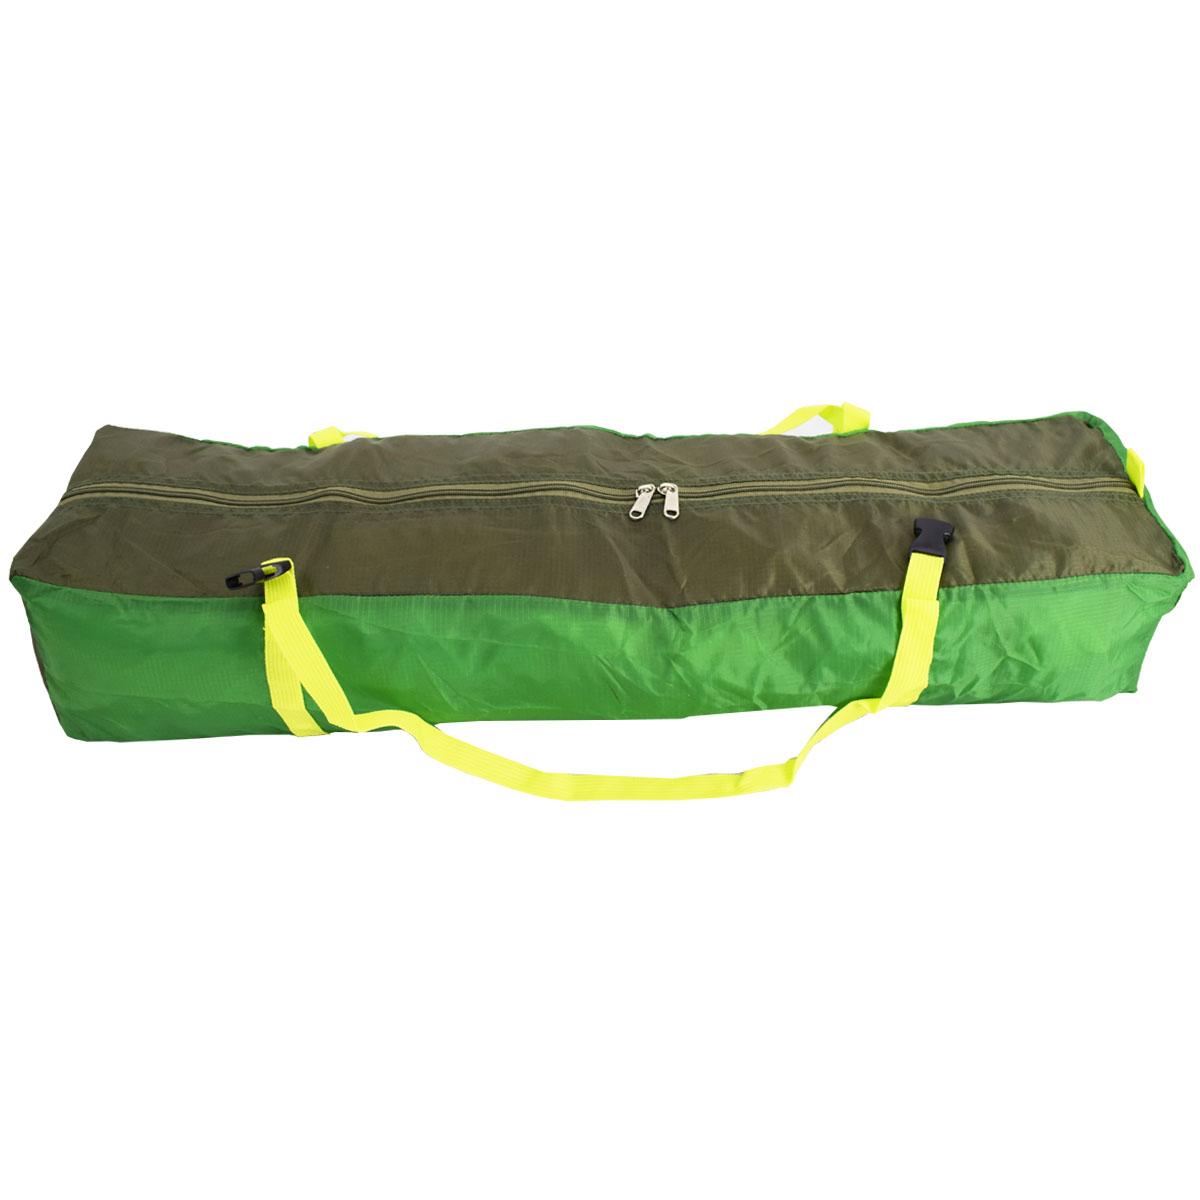 帐篷压缩袋防水背包户外露营帐篷睡袋地毯杂物收纳包订做定制 788